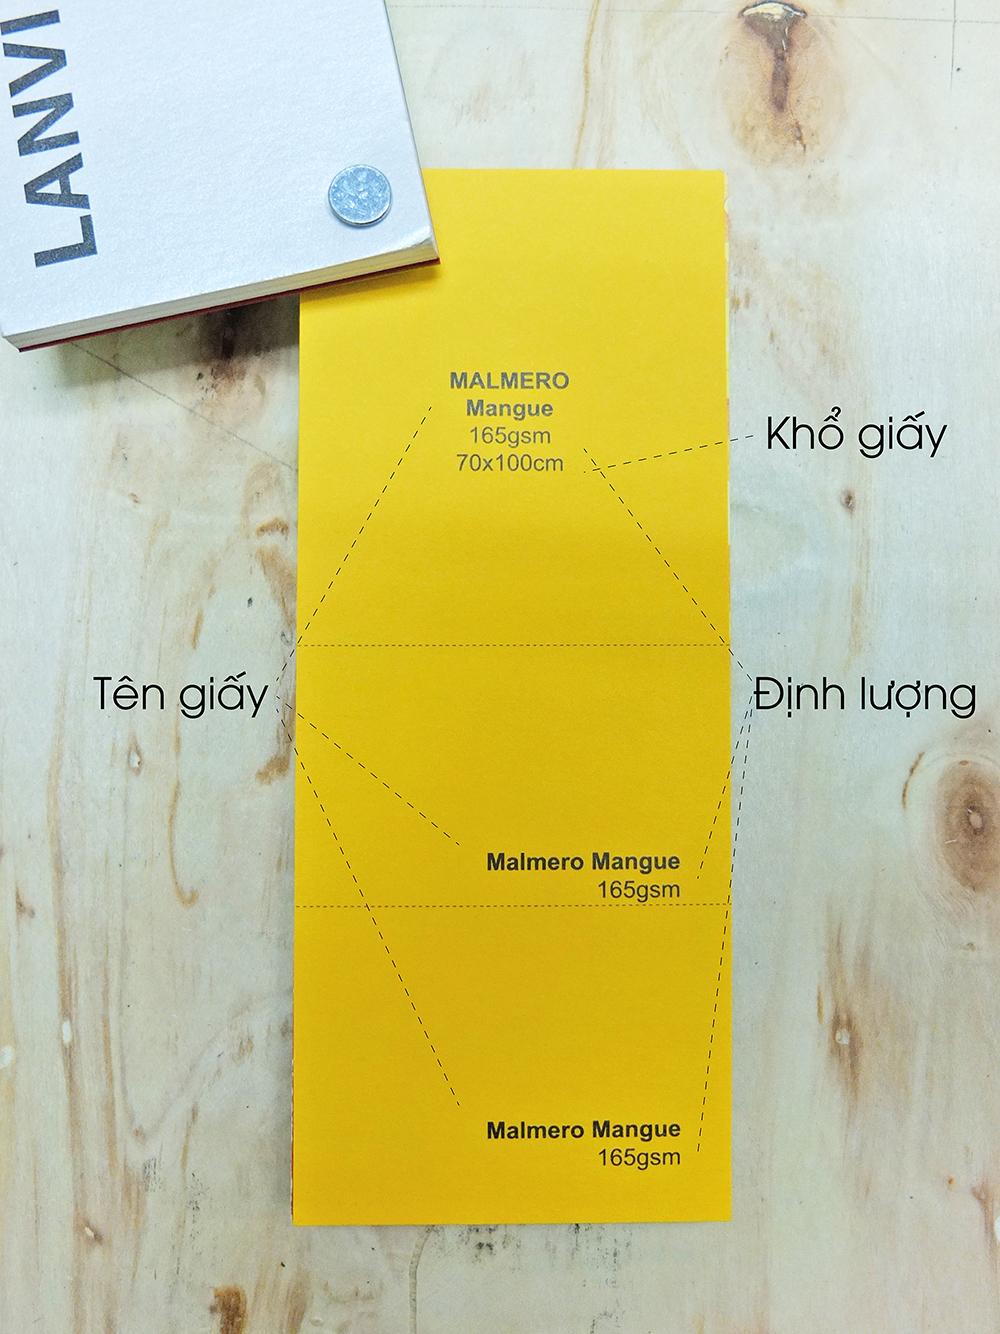 Giấy Lan Vi | Các thông tin trên bộ mẫu giấy mỹ thuật